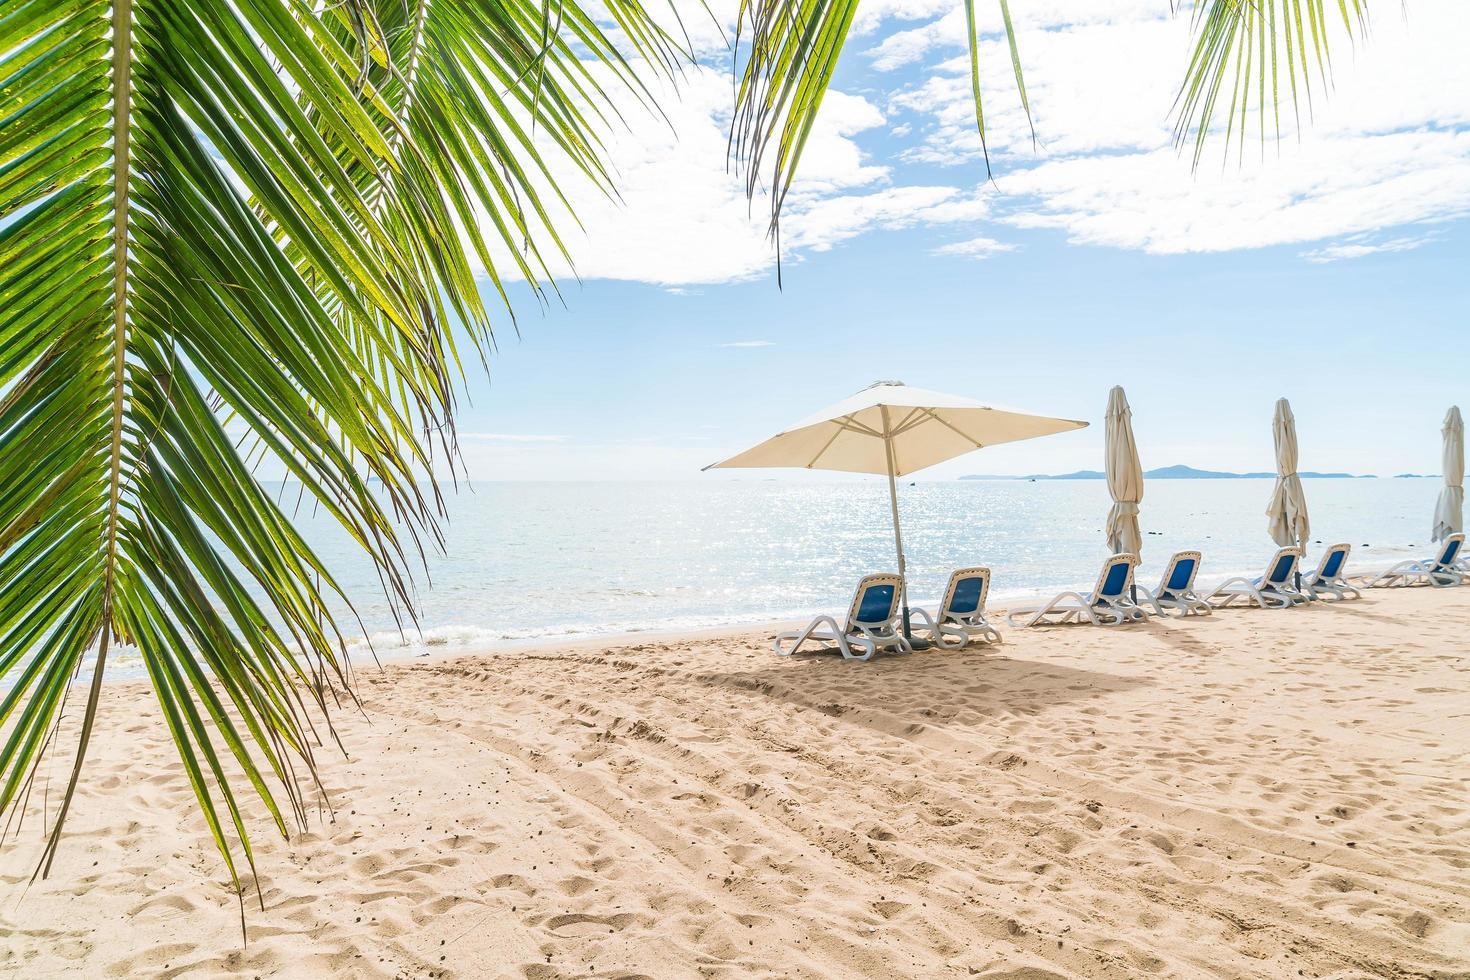 scena della spiaggia tropicale con l'ombrello aperto foto